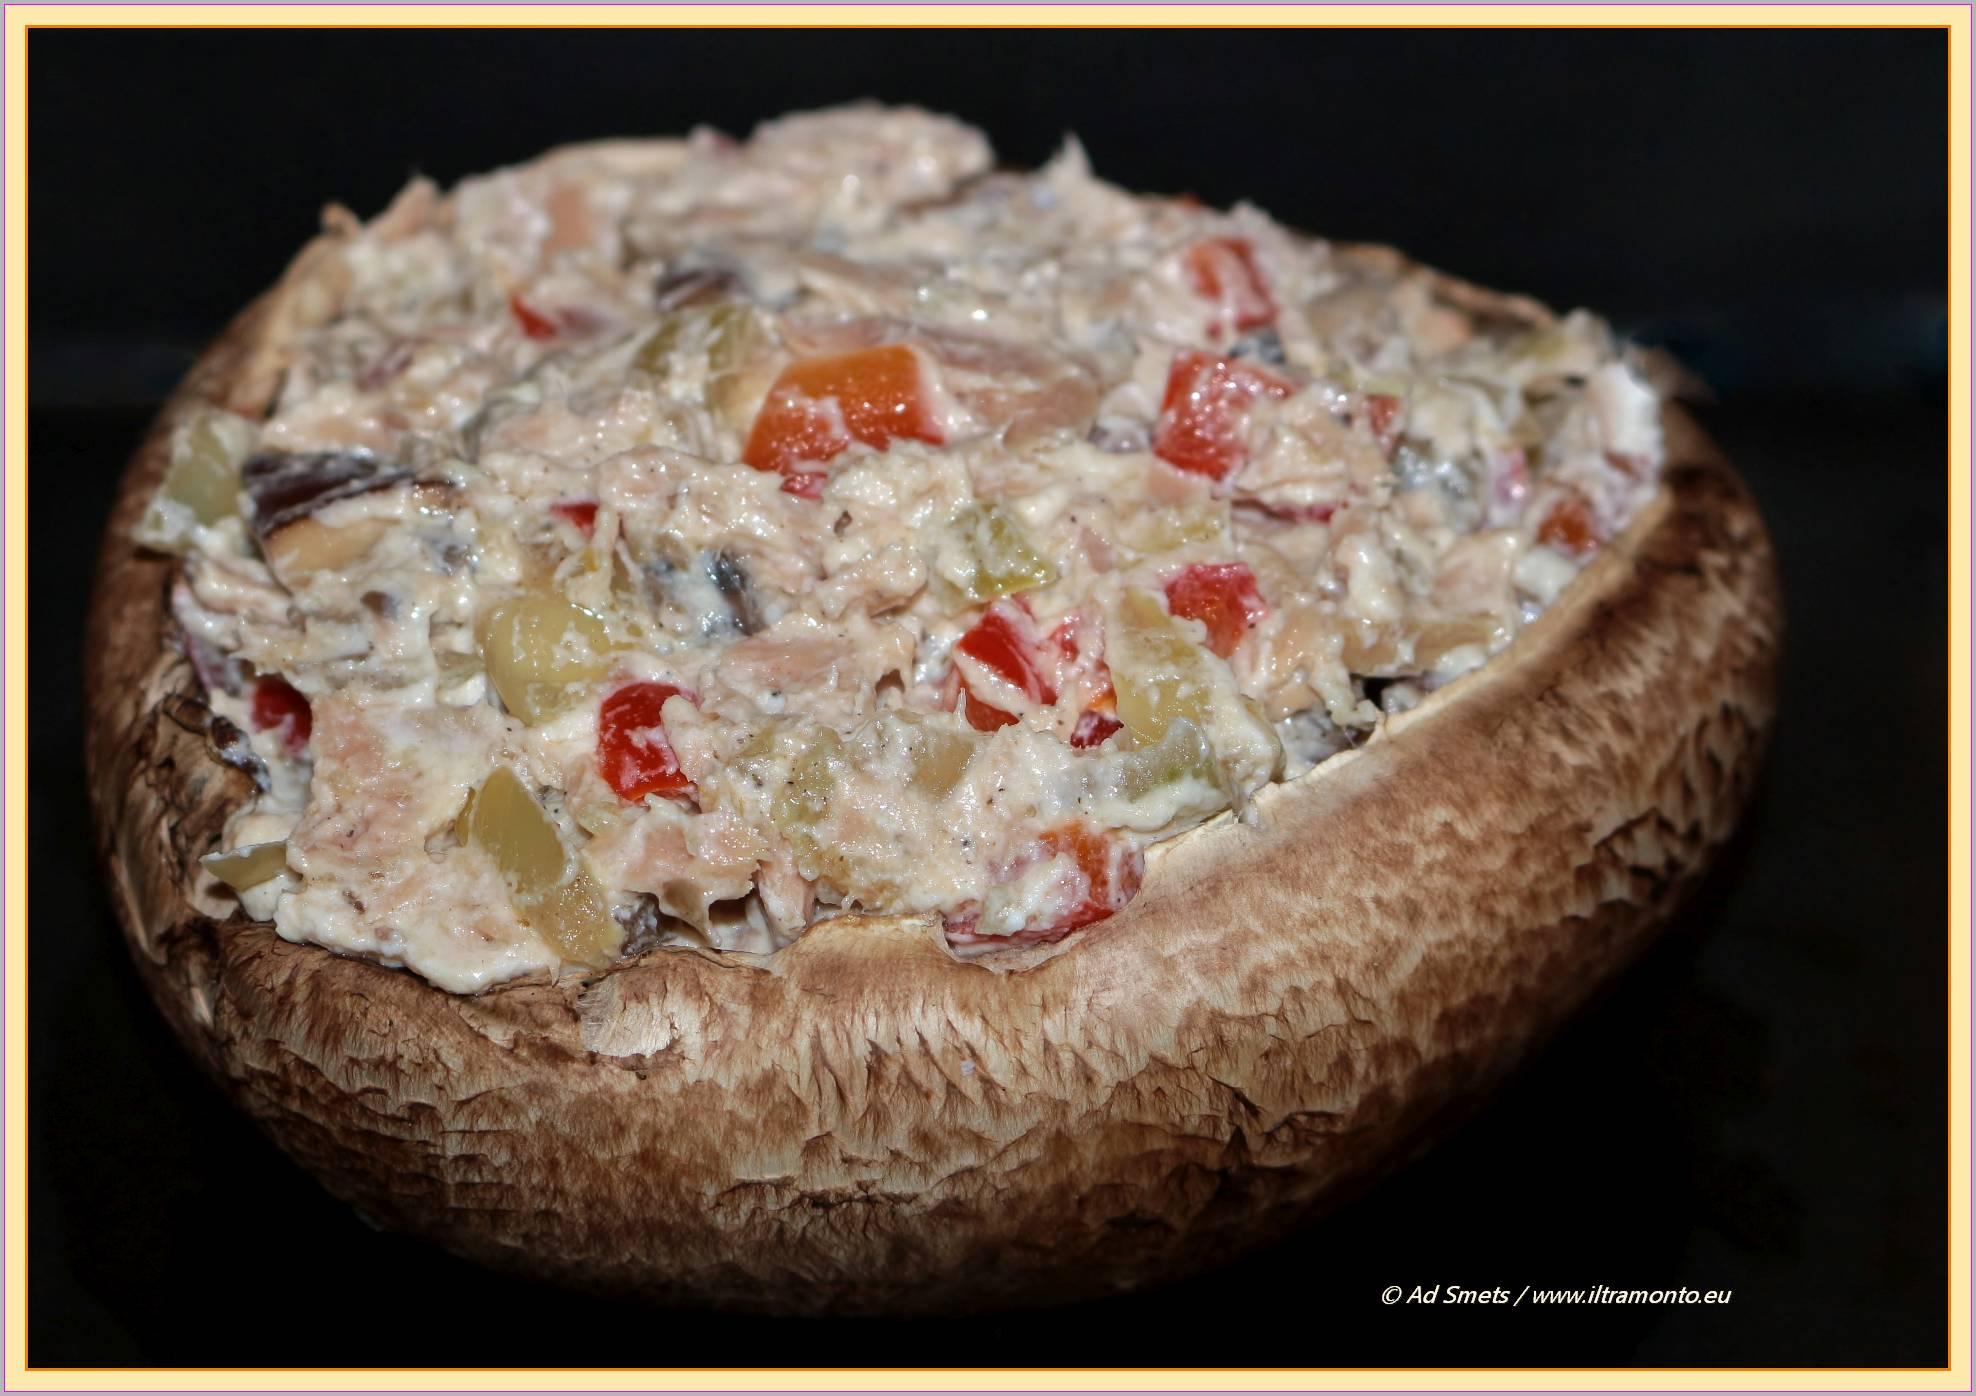 portobello_8268_il-tramonto-culinair